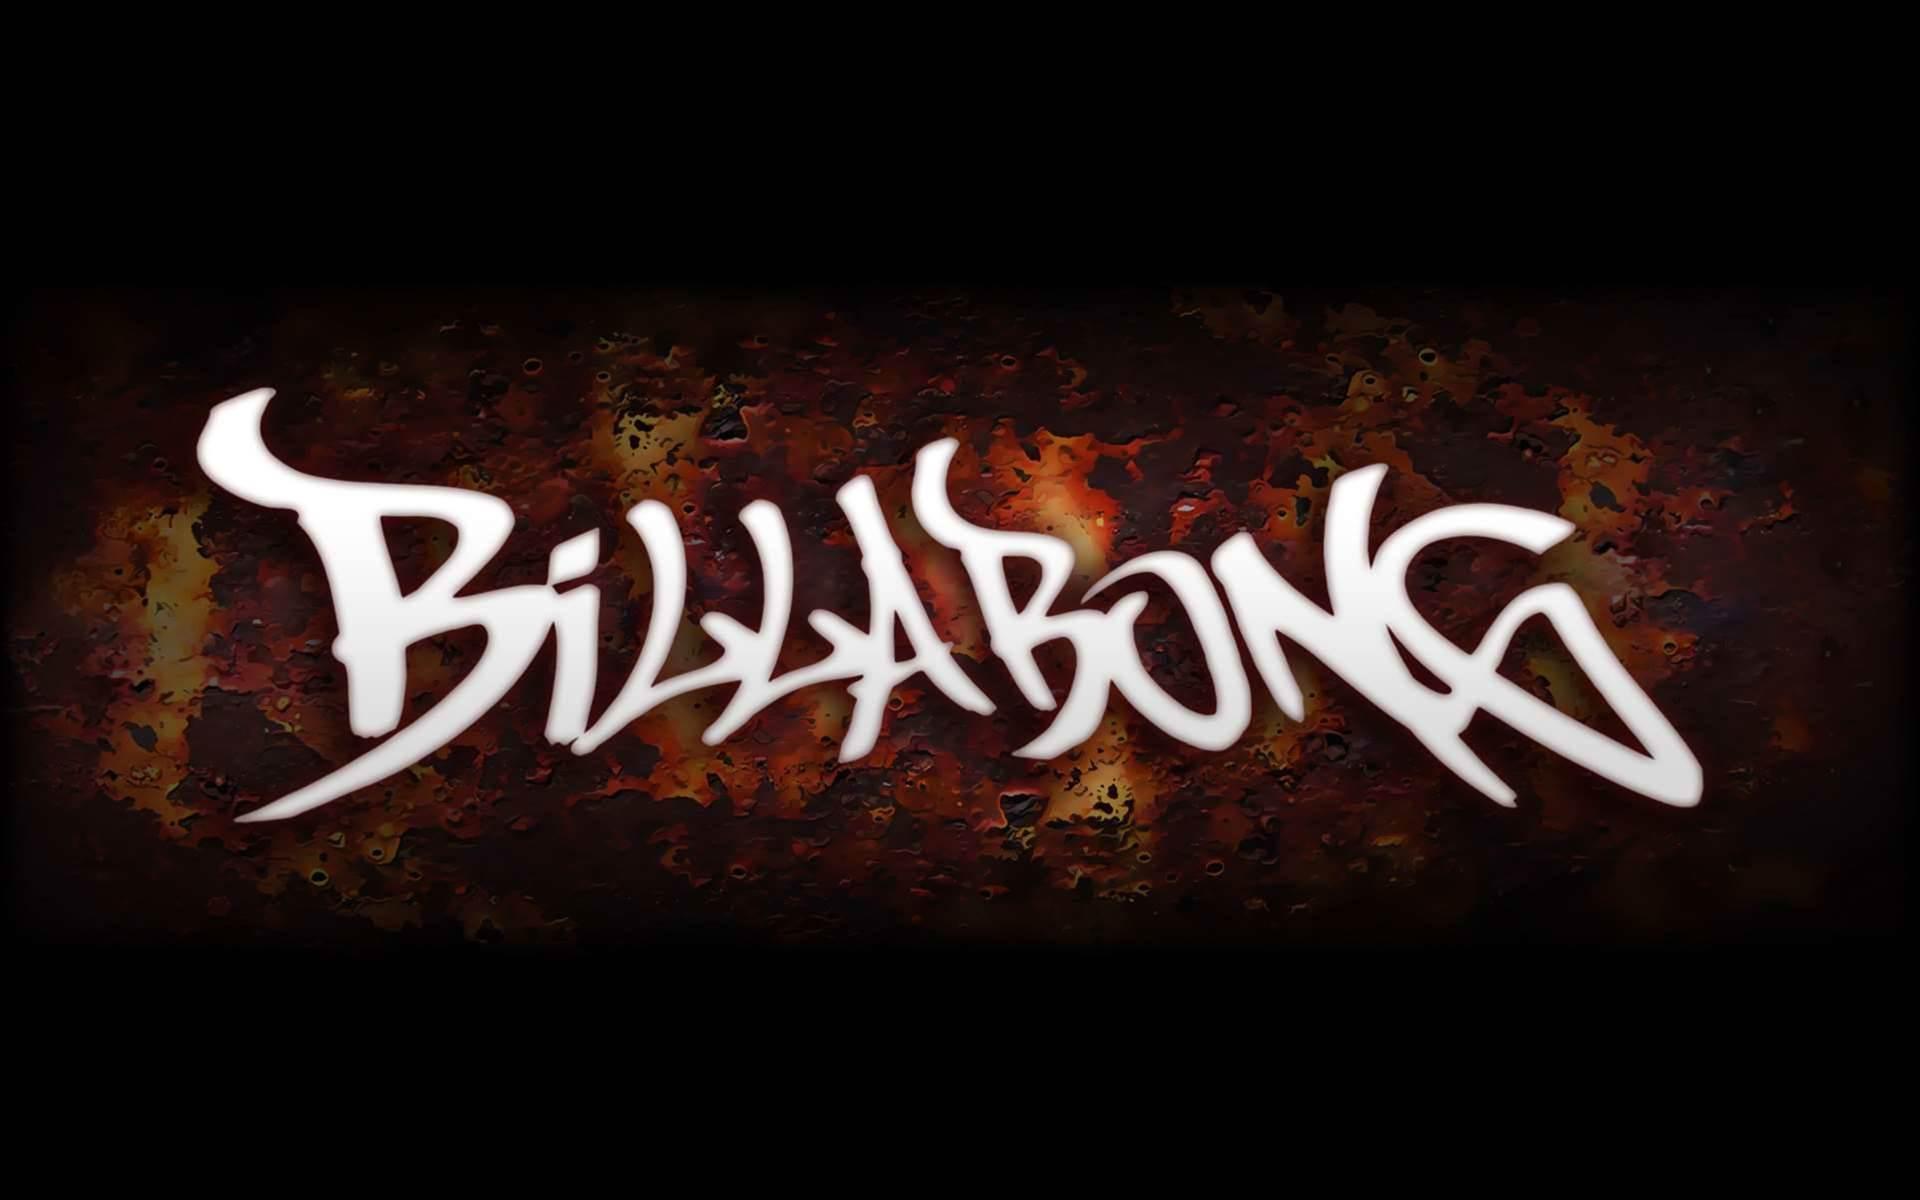 Billabong suffers password breach